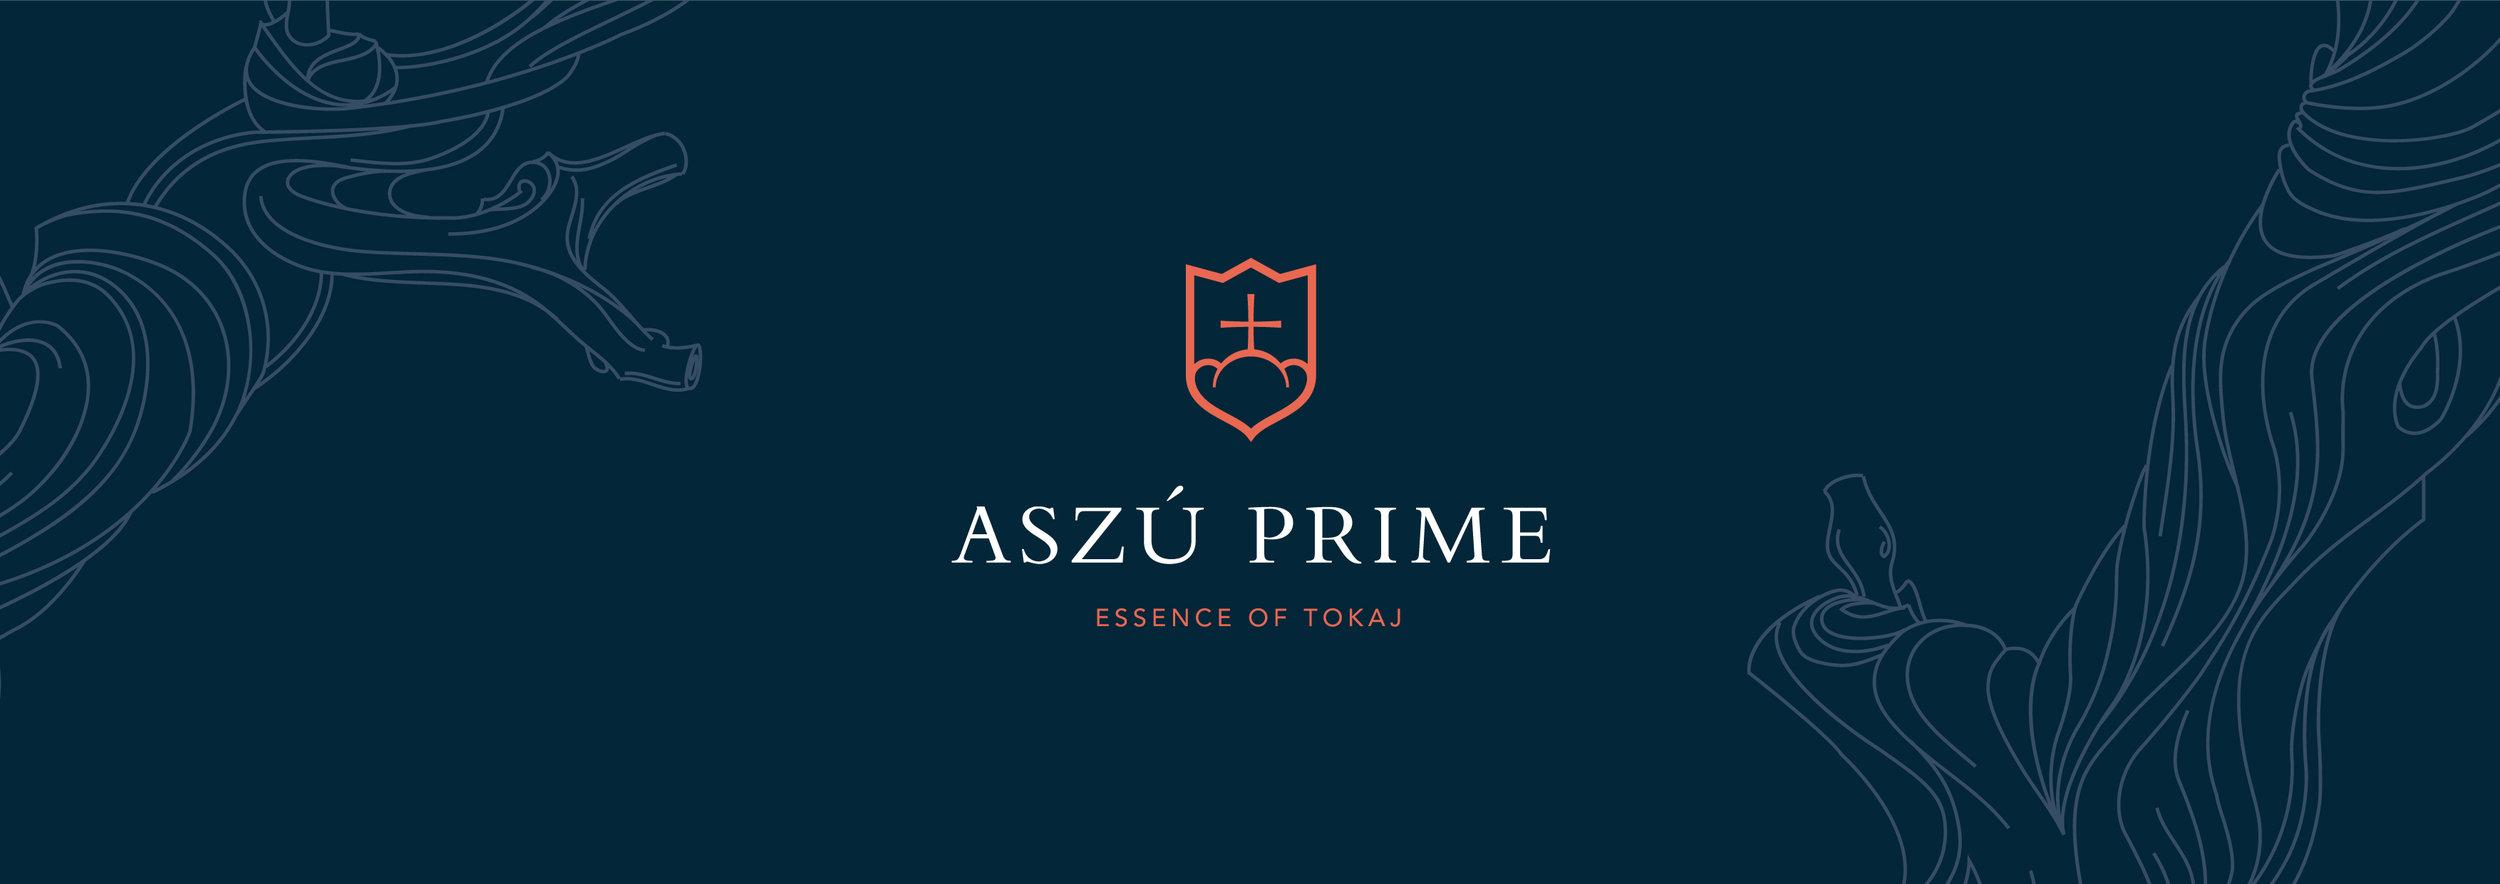 Aszu_Prime_behance-01.jpg